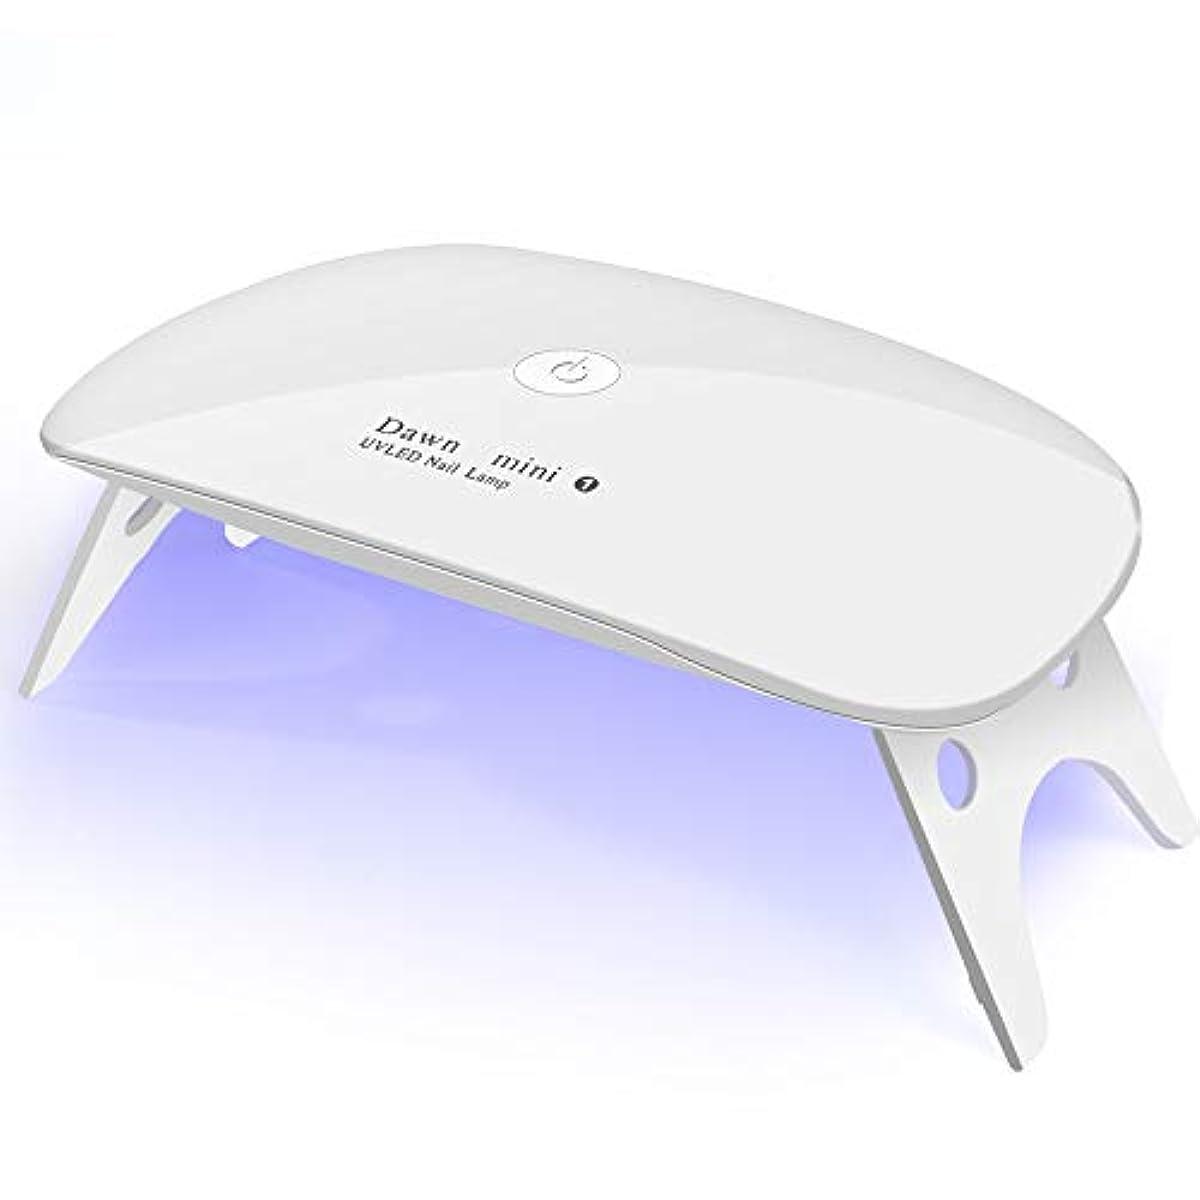 [해외] UV라이트 LED네일 드라이기 젤 네일LED라이트 경화 라이트 젤 네일용